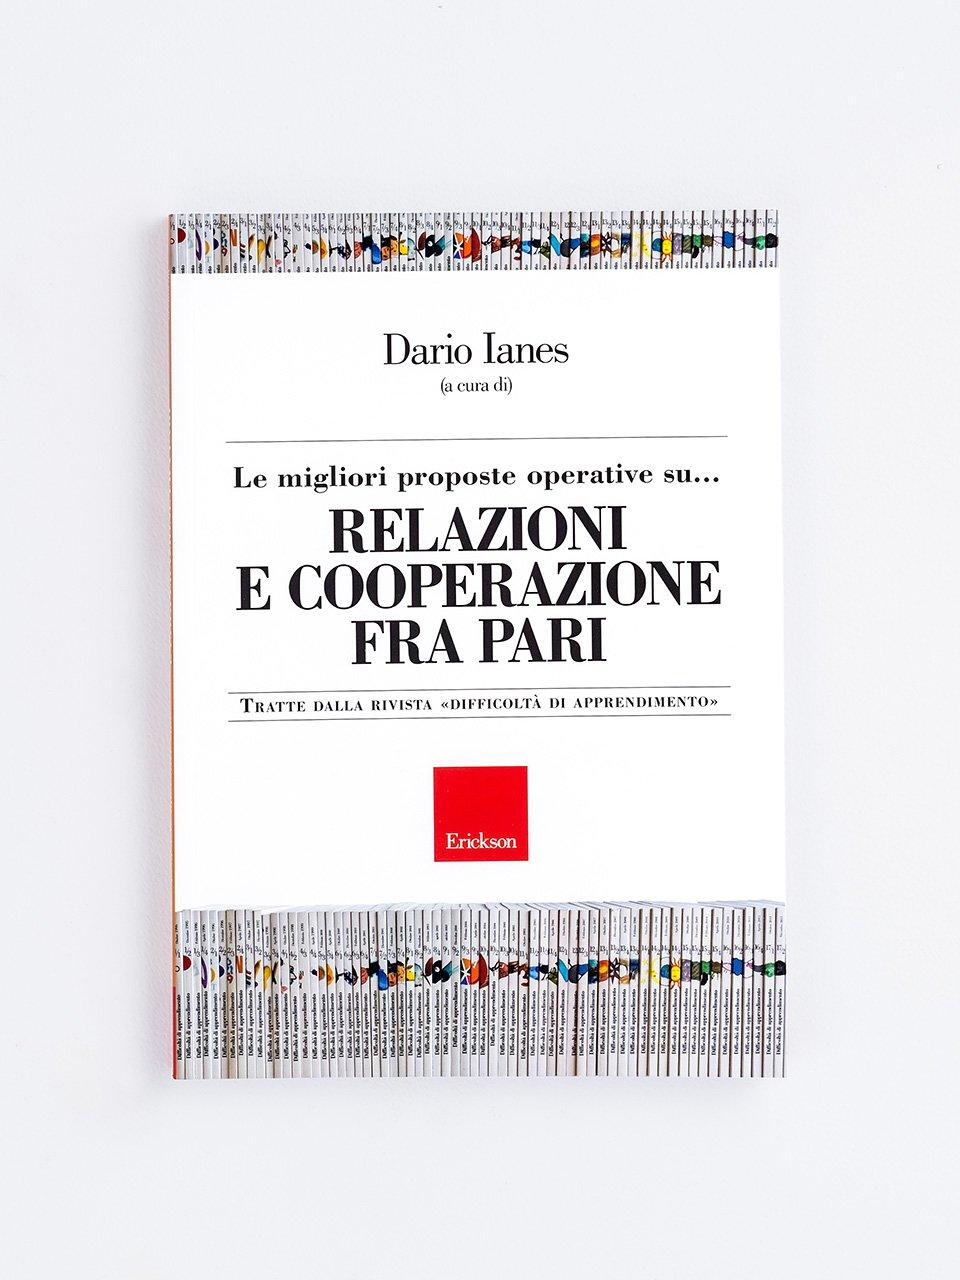 Le migliori proposte operative su... RELAZIONI E COOPERAZIONE FRA PARI - 99 idee per fare esercizi in classe - Libri - Erickson